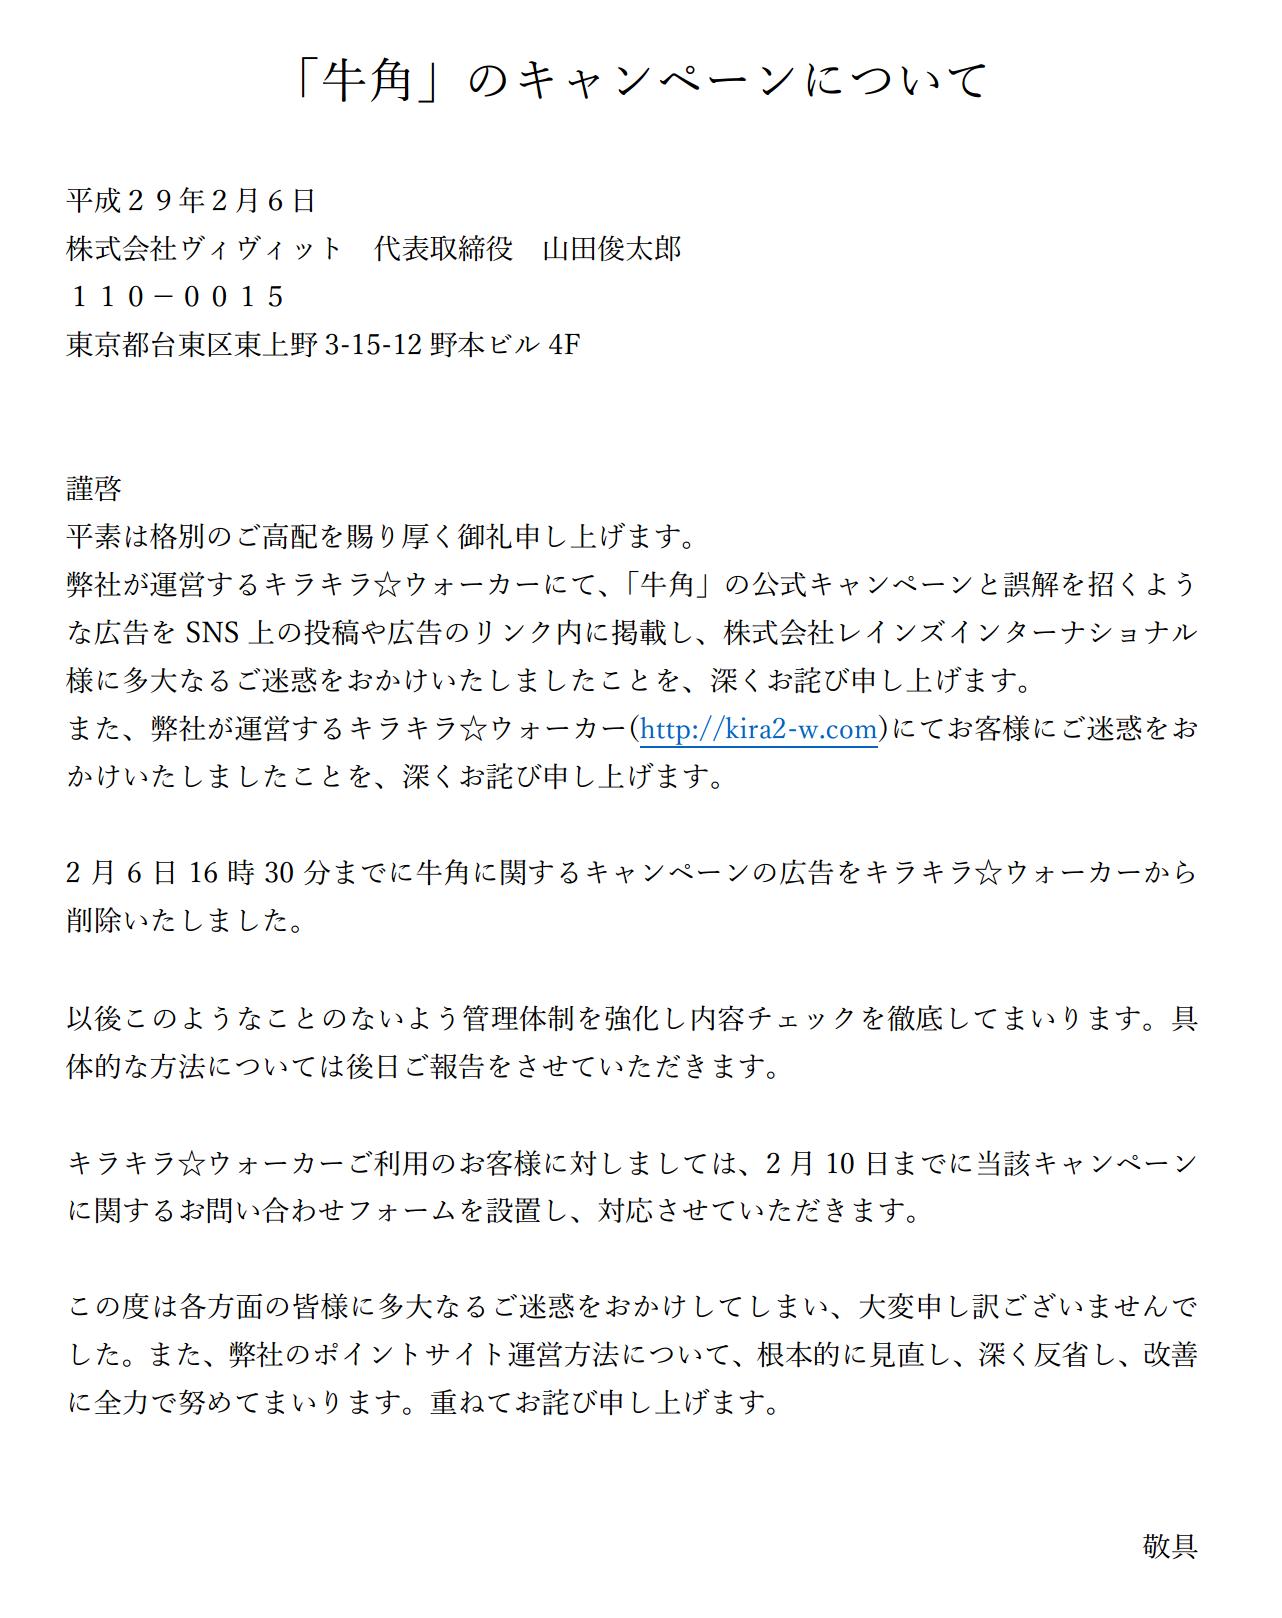 キラキラウォーカー/牛角